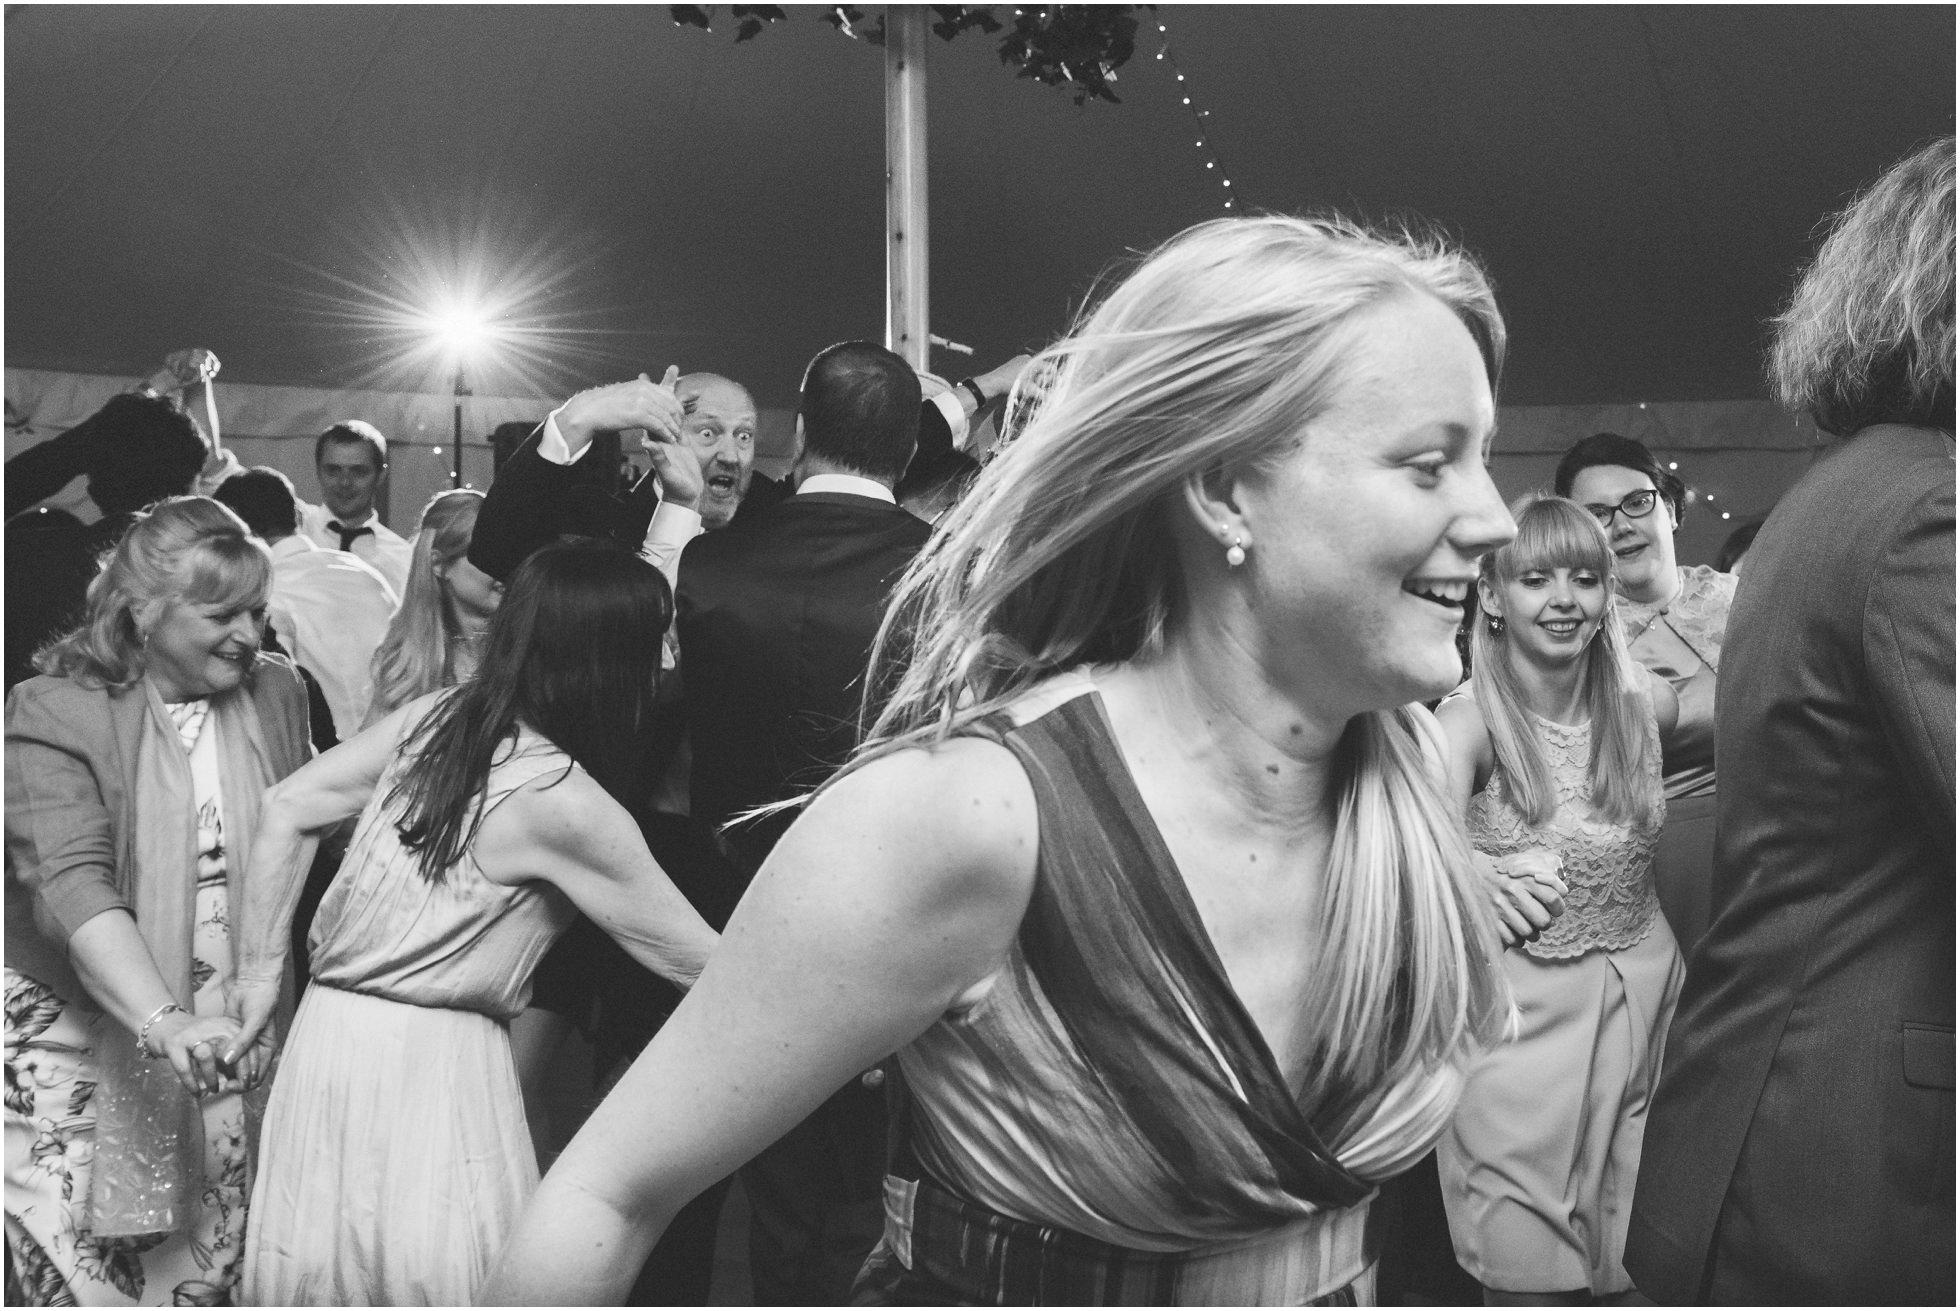 Shock on the dancefloor!